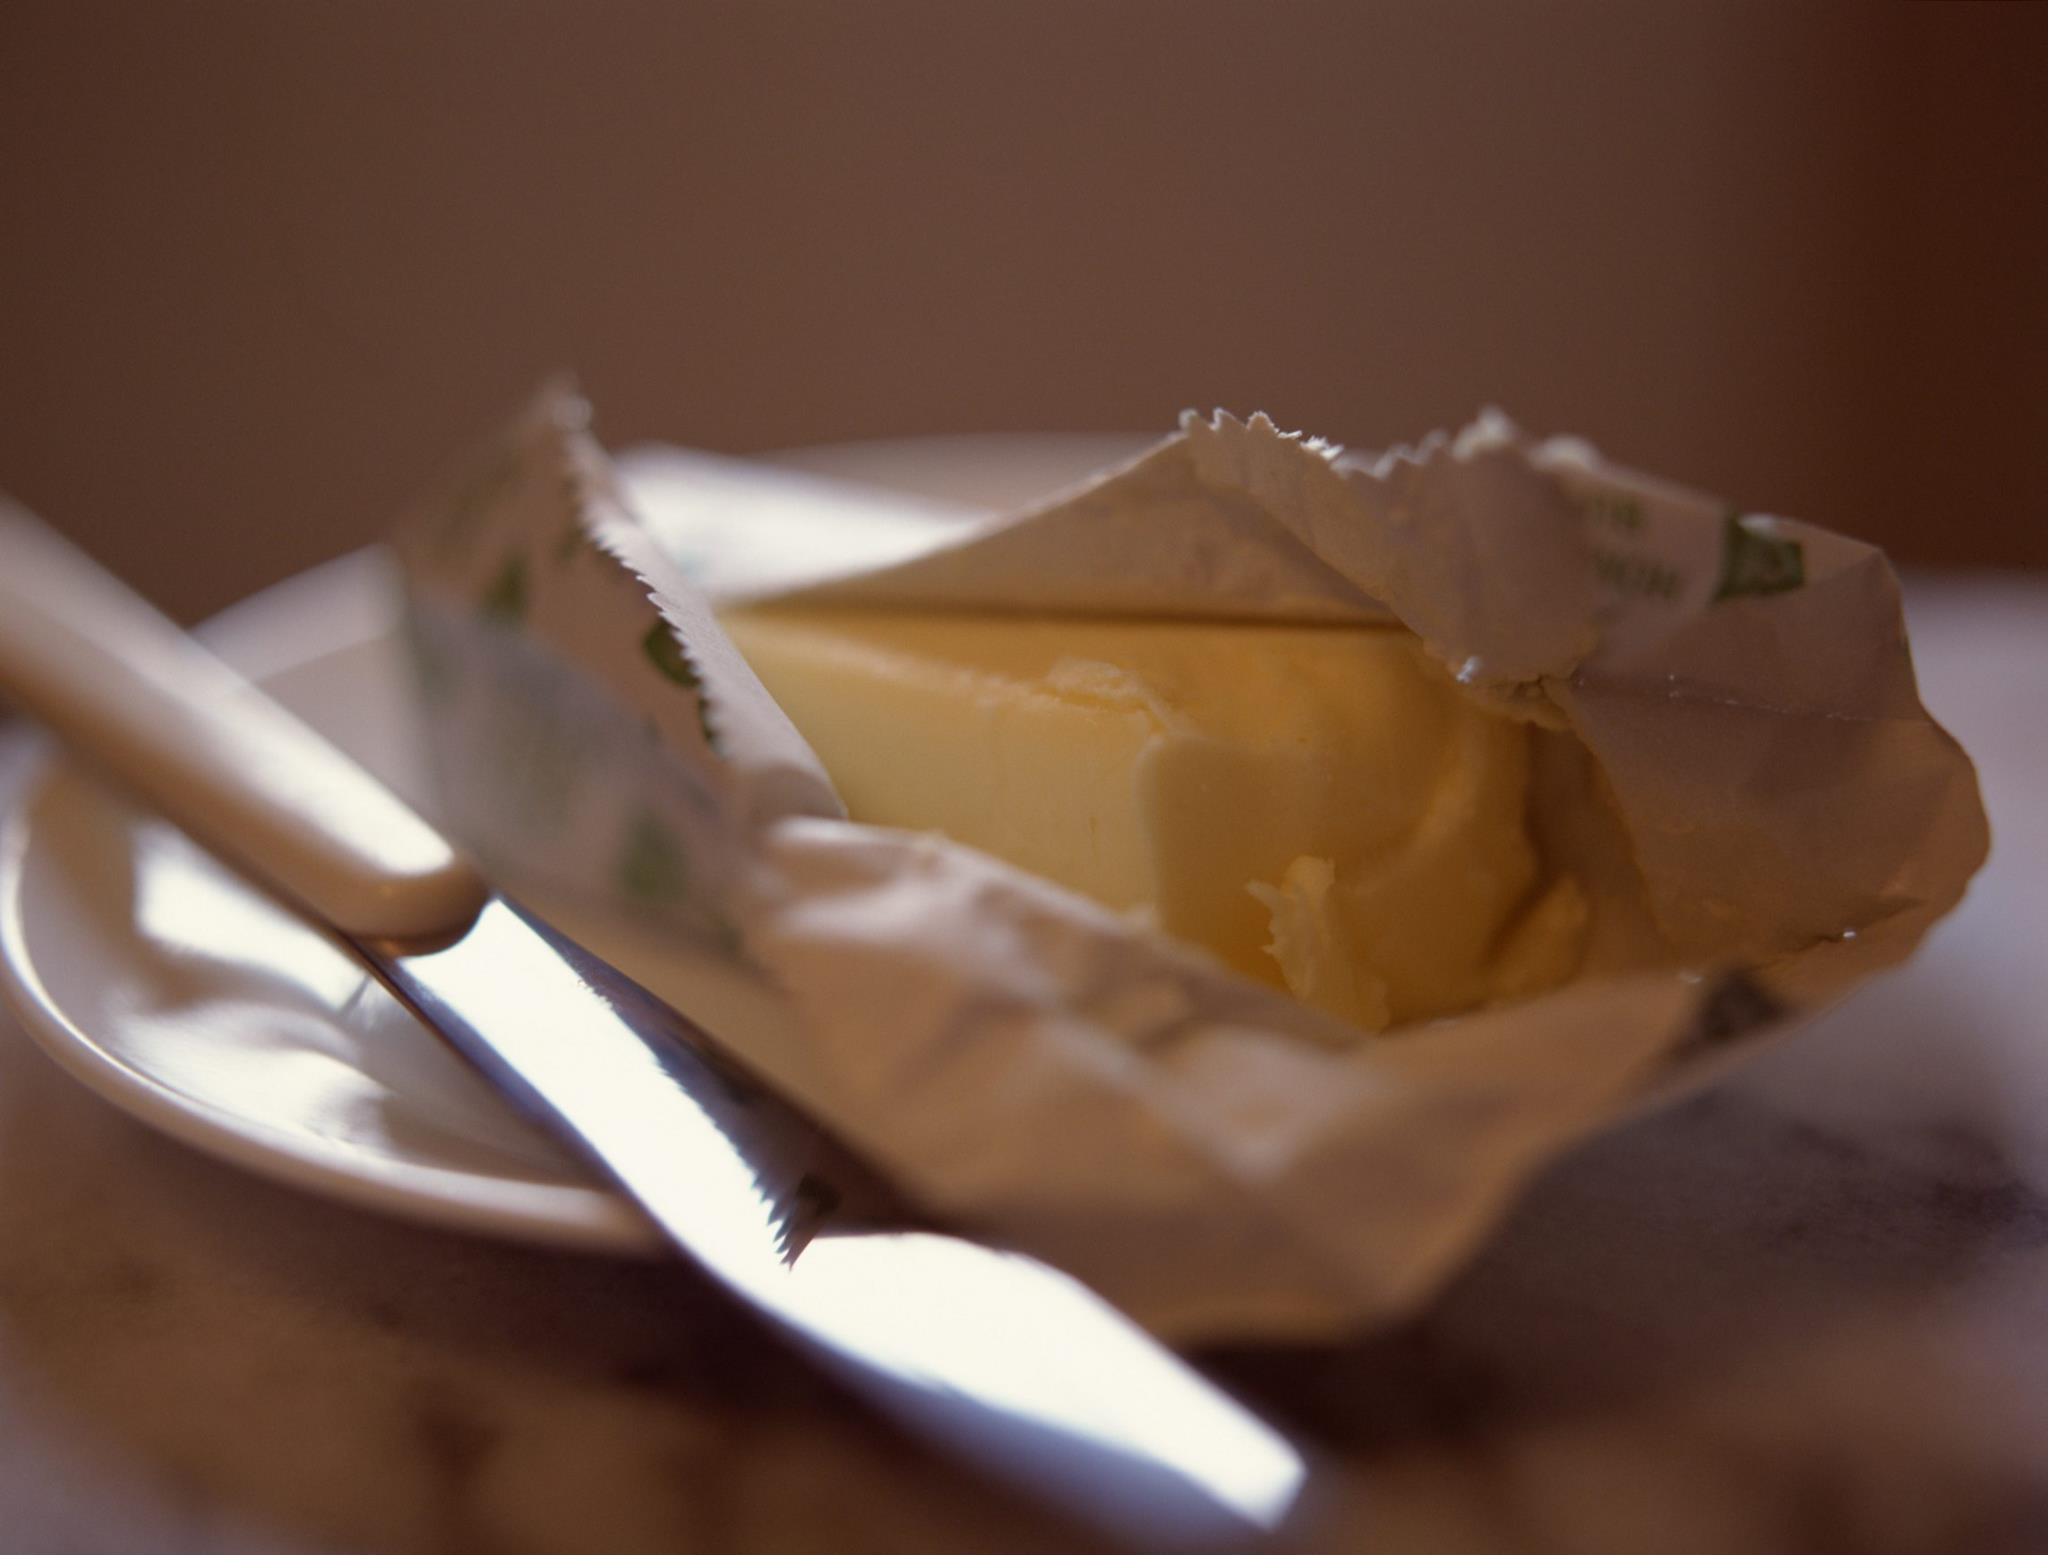 PÚBLICO - A nossa relação complicada com a comida começou com a manteiga